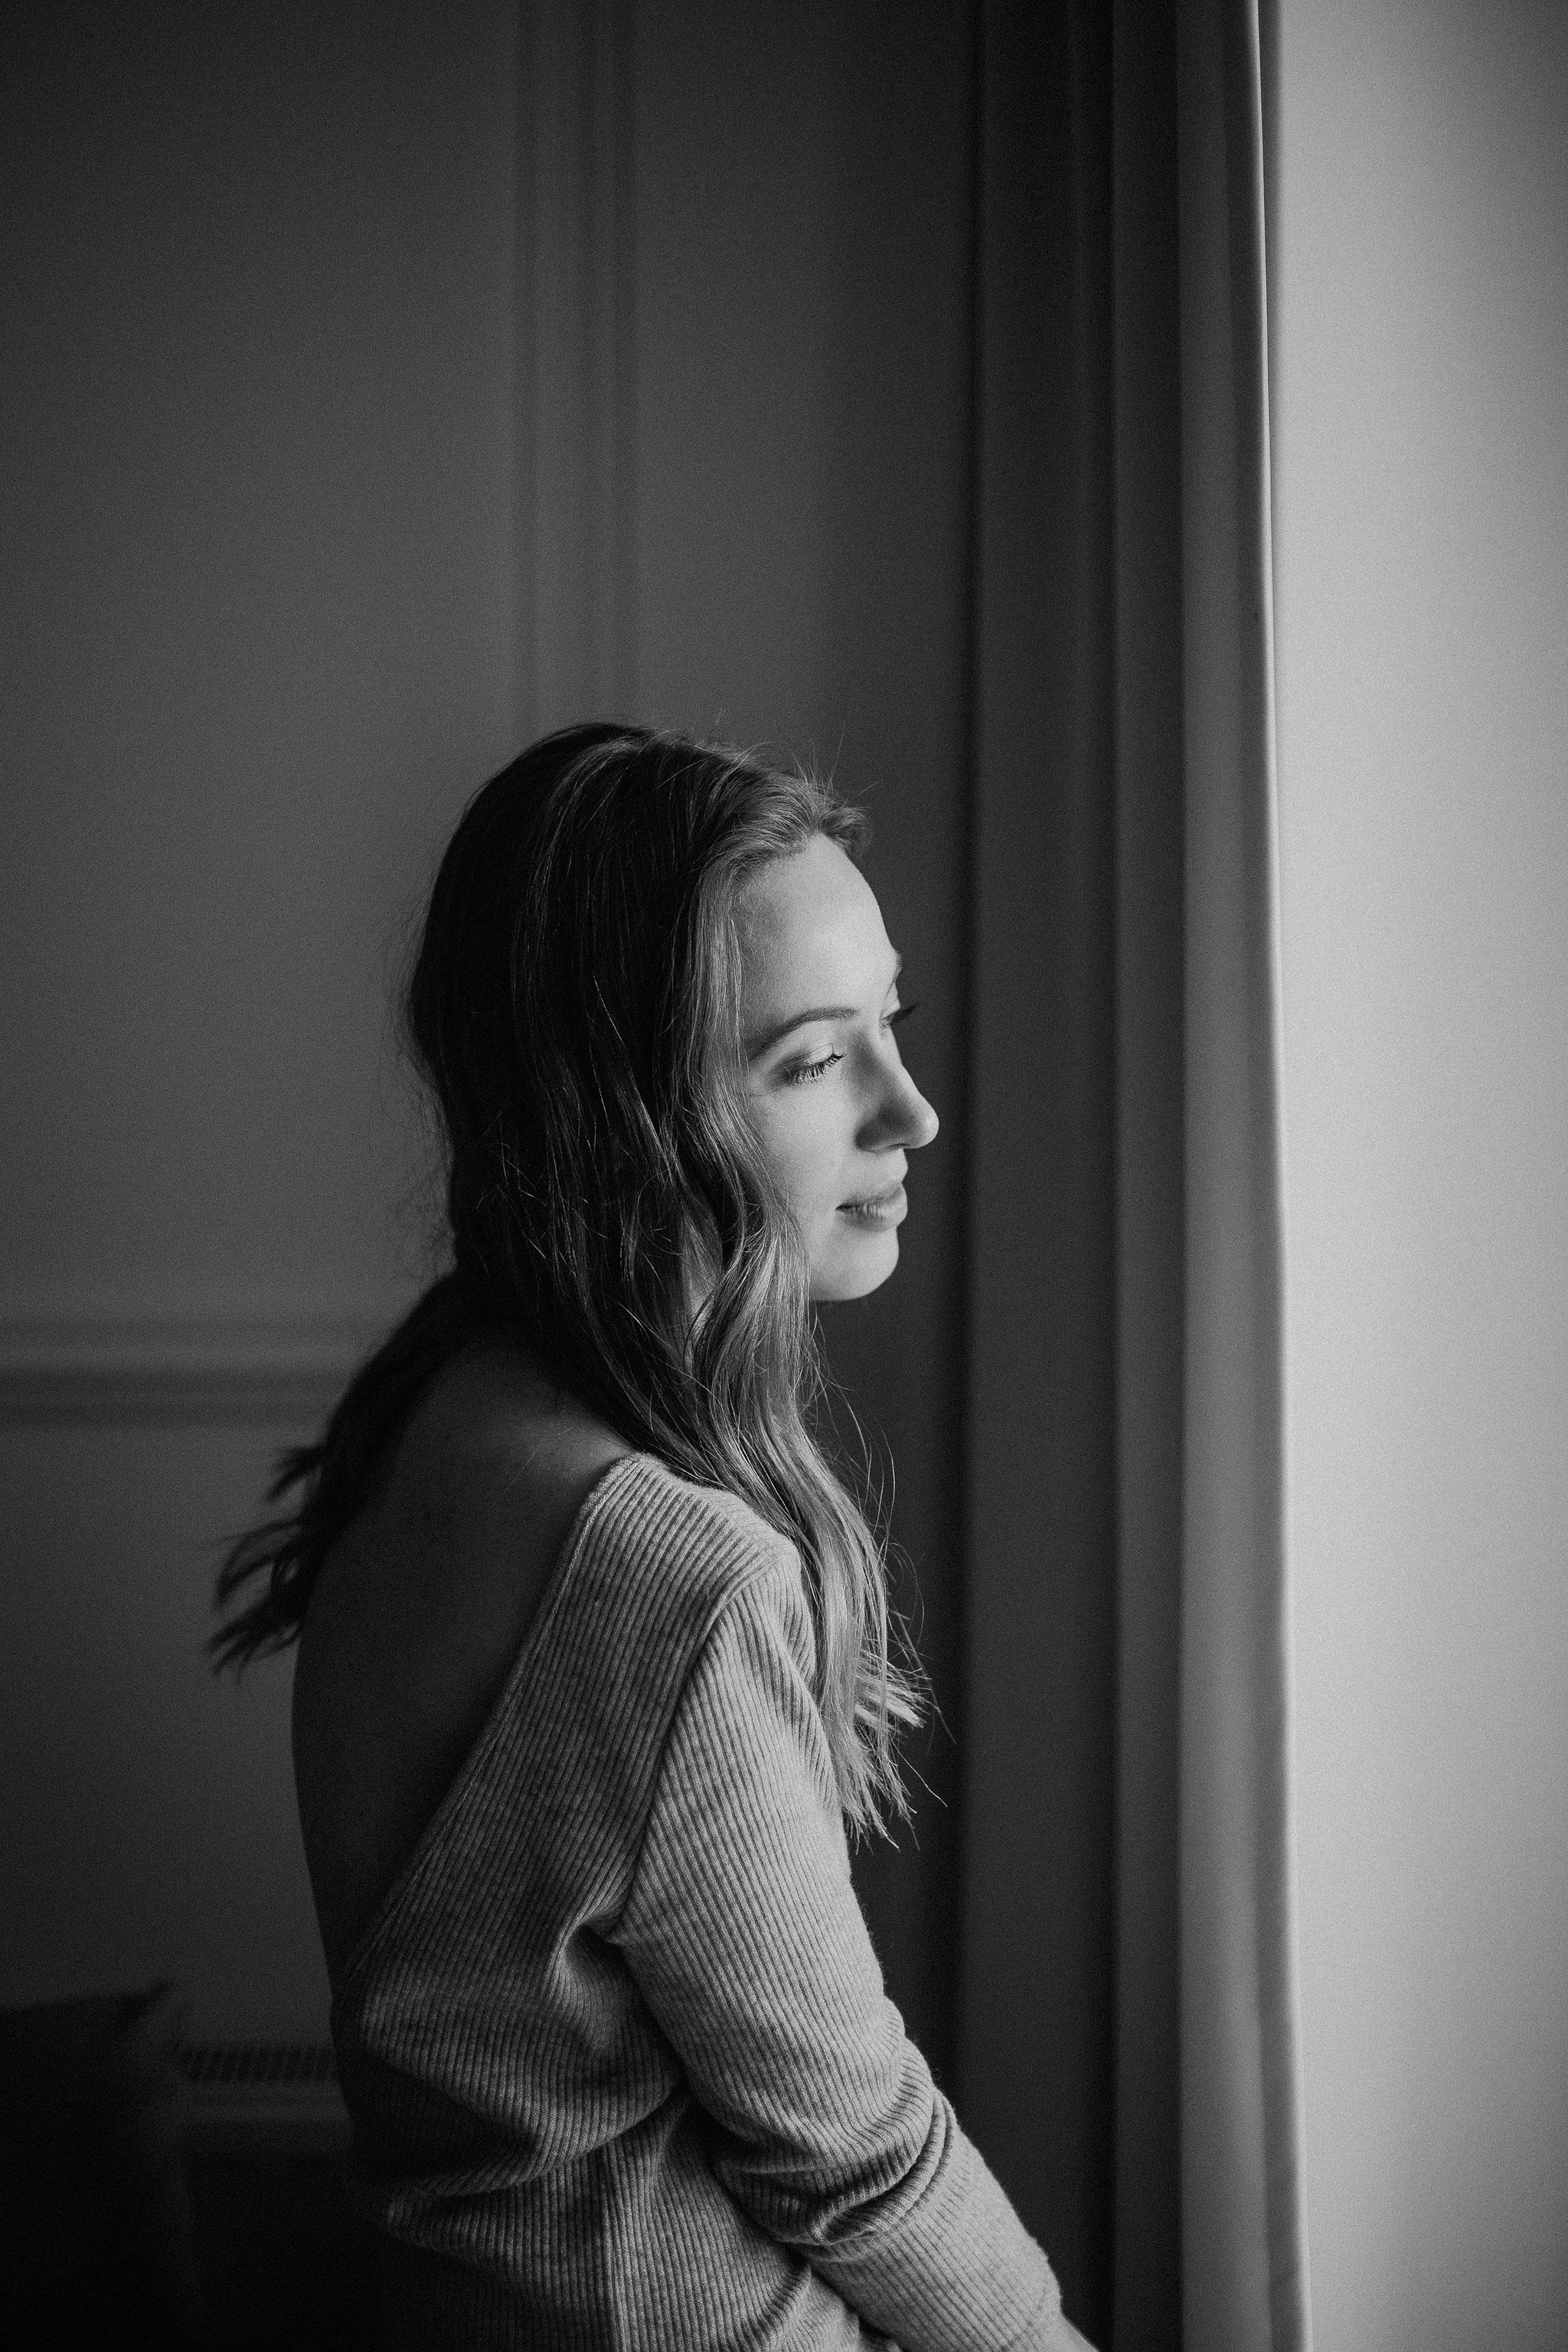 fotograf portretowy wroclaw